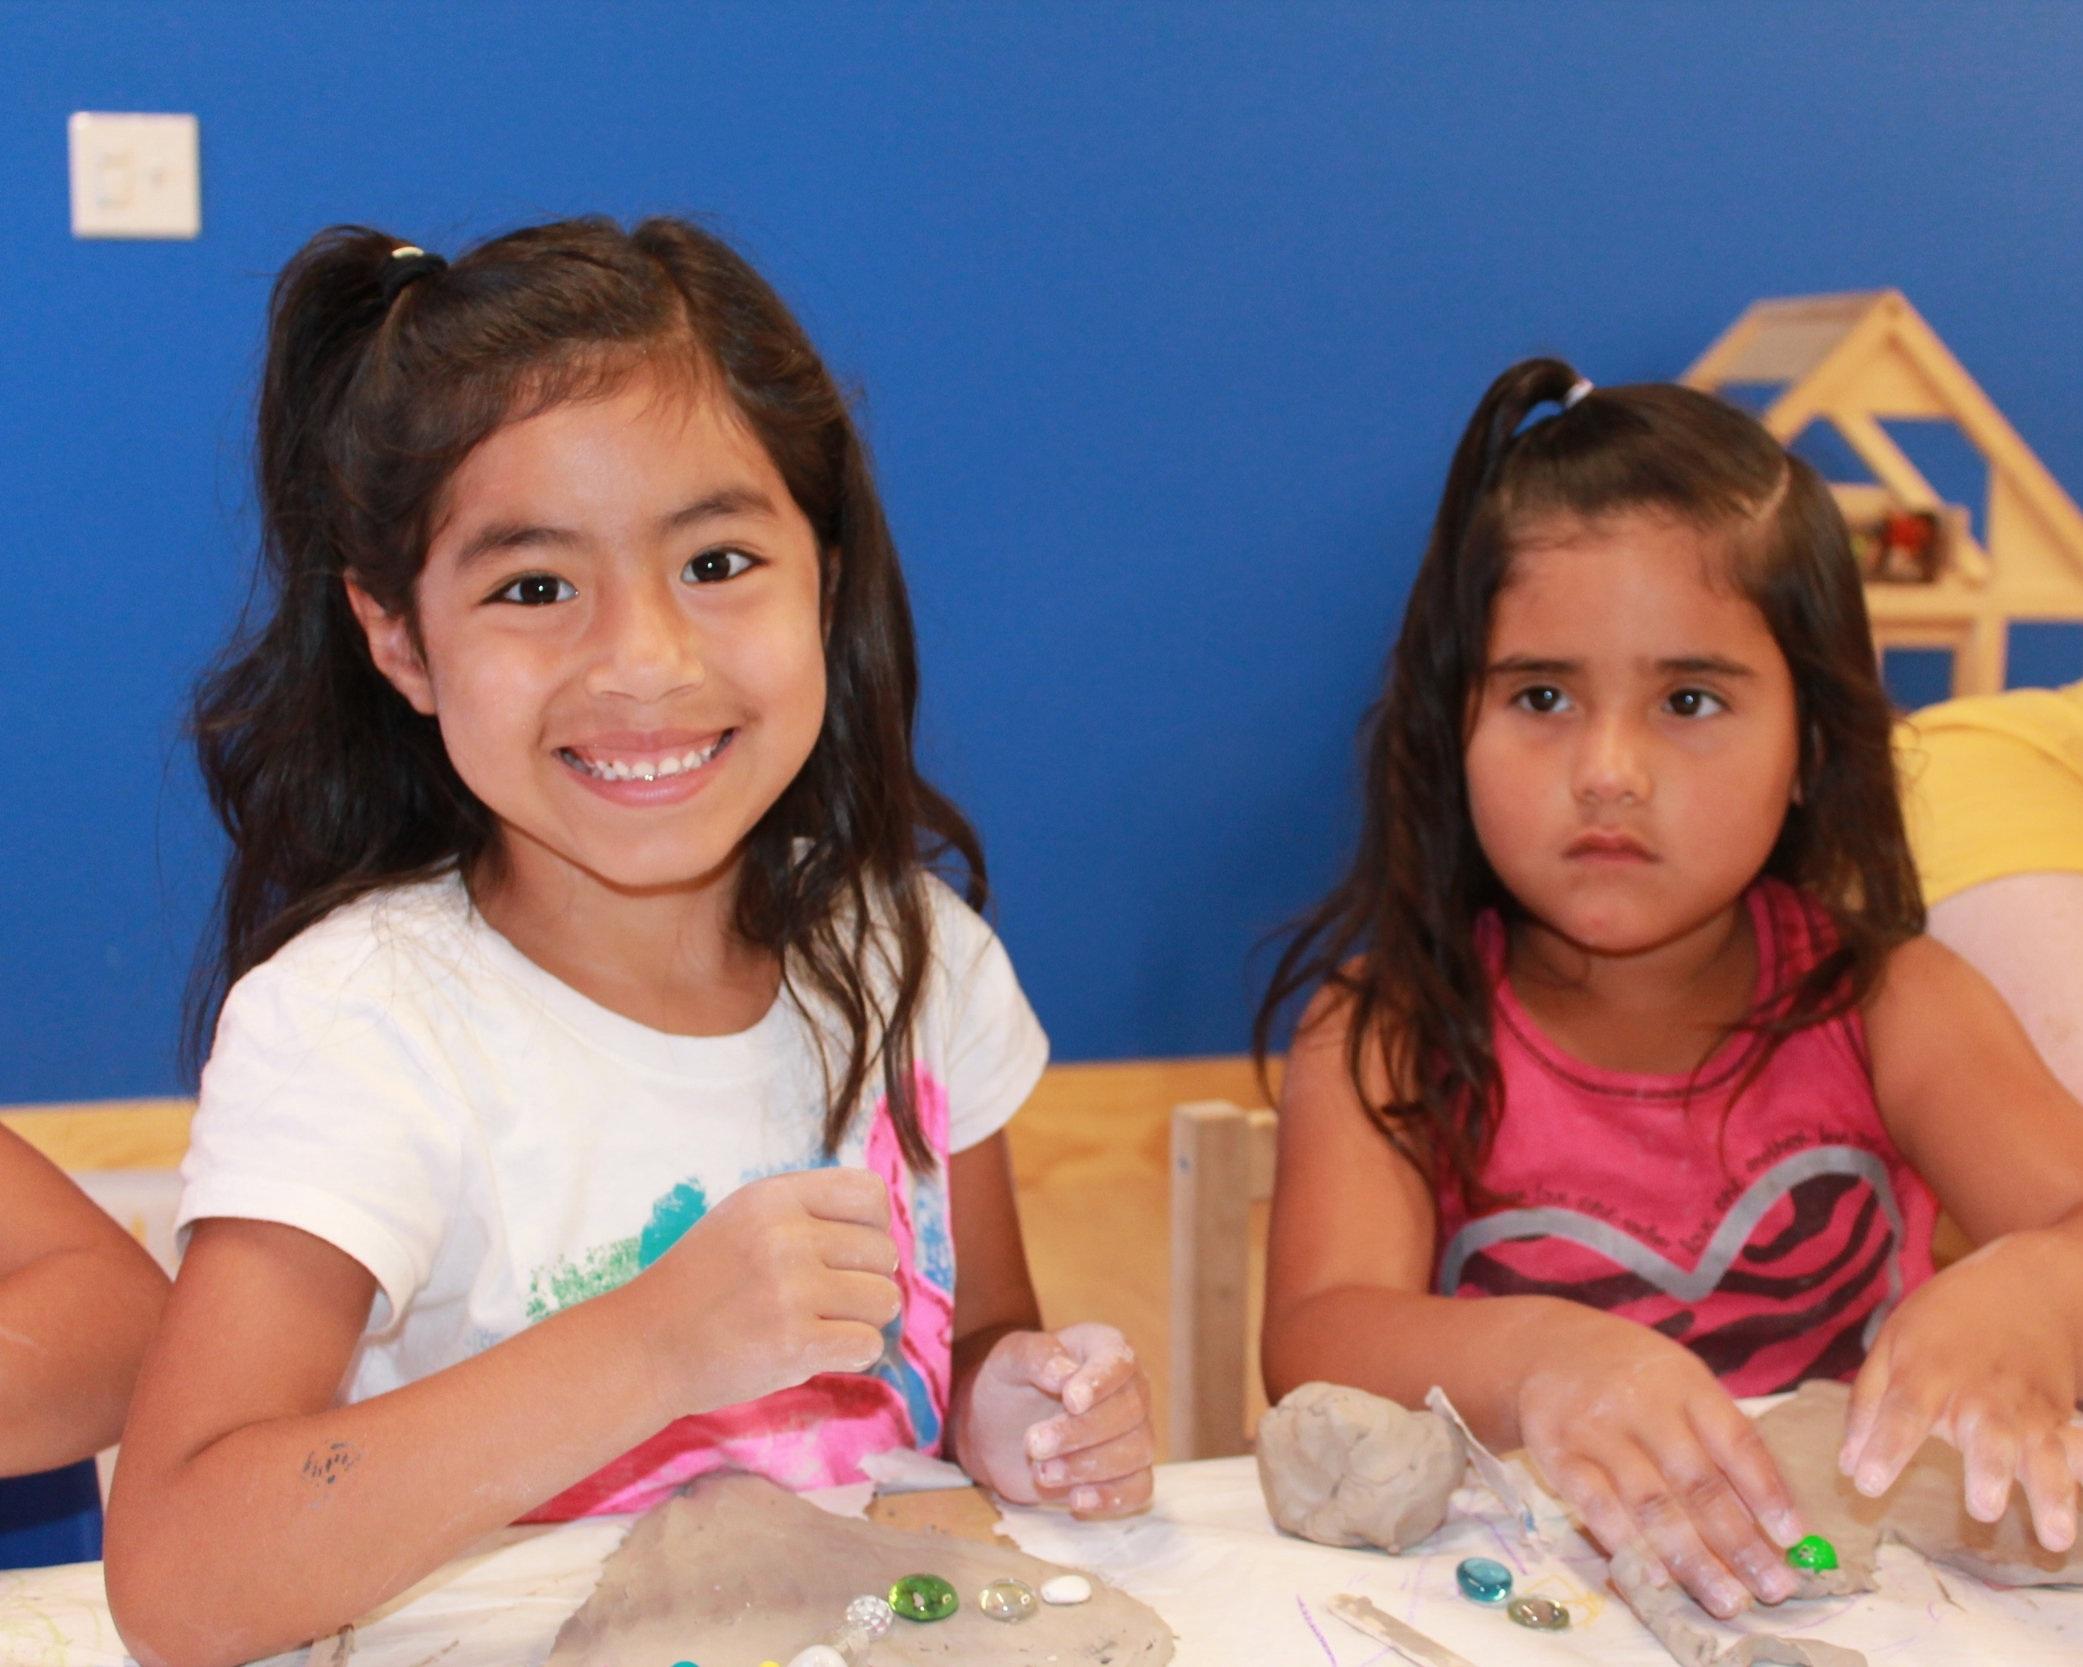 Descripción de foto: Niñes haciendo actividades de arte en la guardería Montessori.